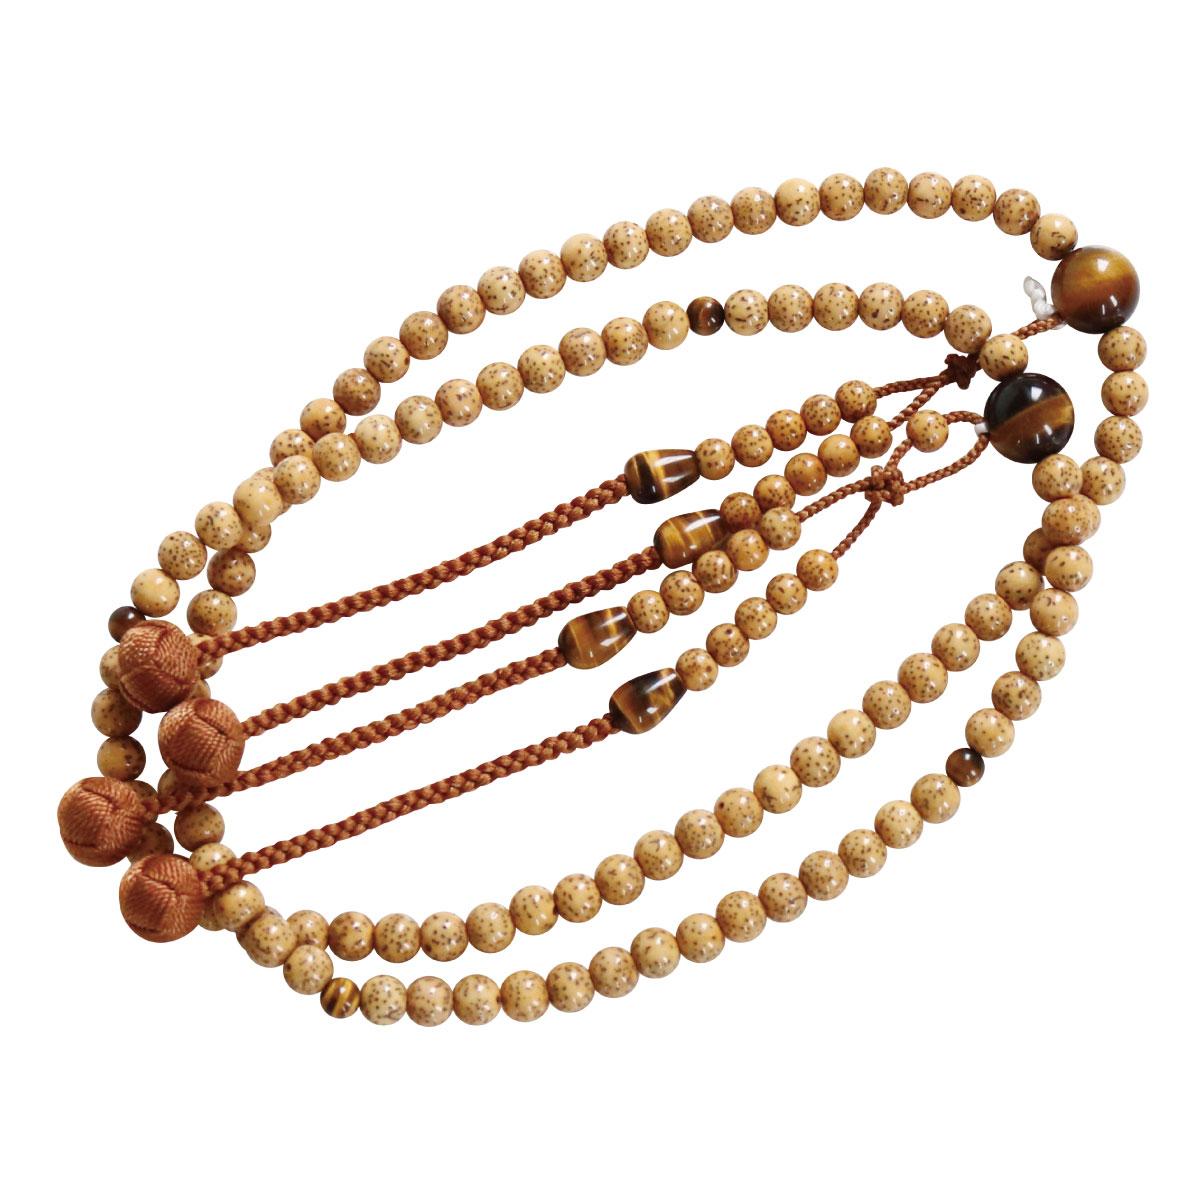 数珠 本連 星月菩提樹 虎目石仕立 利久梵天房 尺三 真言宗 本式数珠 念珠 送料無料